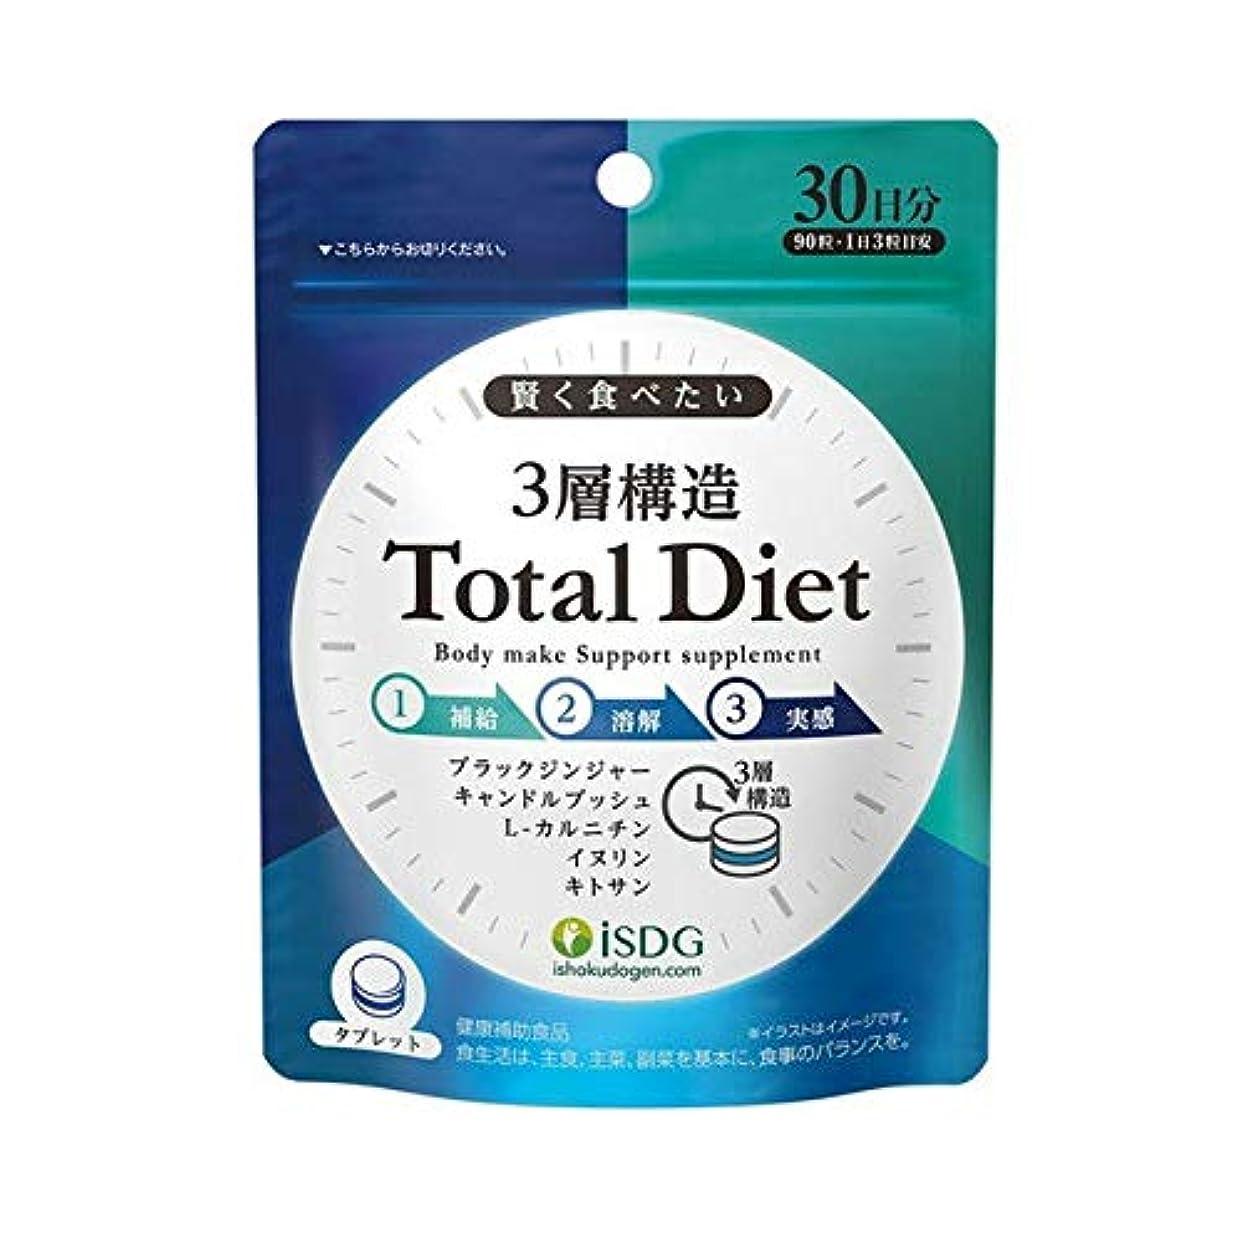 誰の軽減する懐疑論医食同源ドットコム ISDG 3層構造 Total Diet 90粒入 トータル ダイエット×10個セット